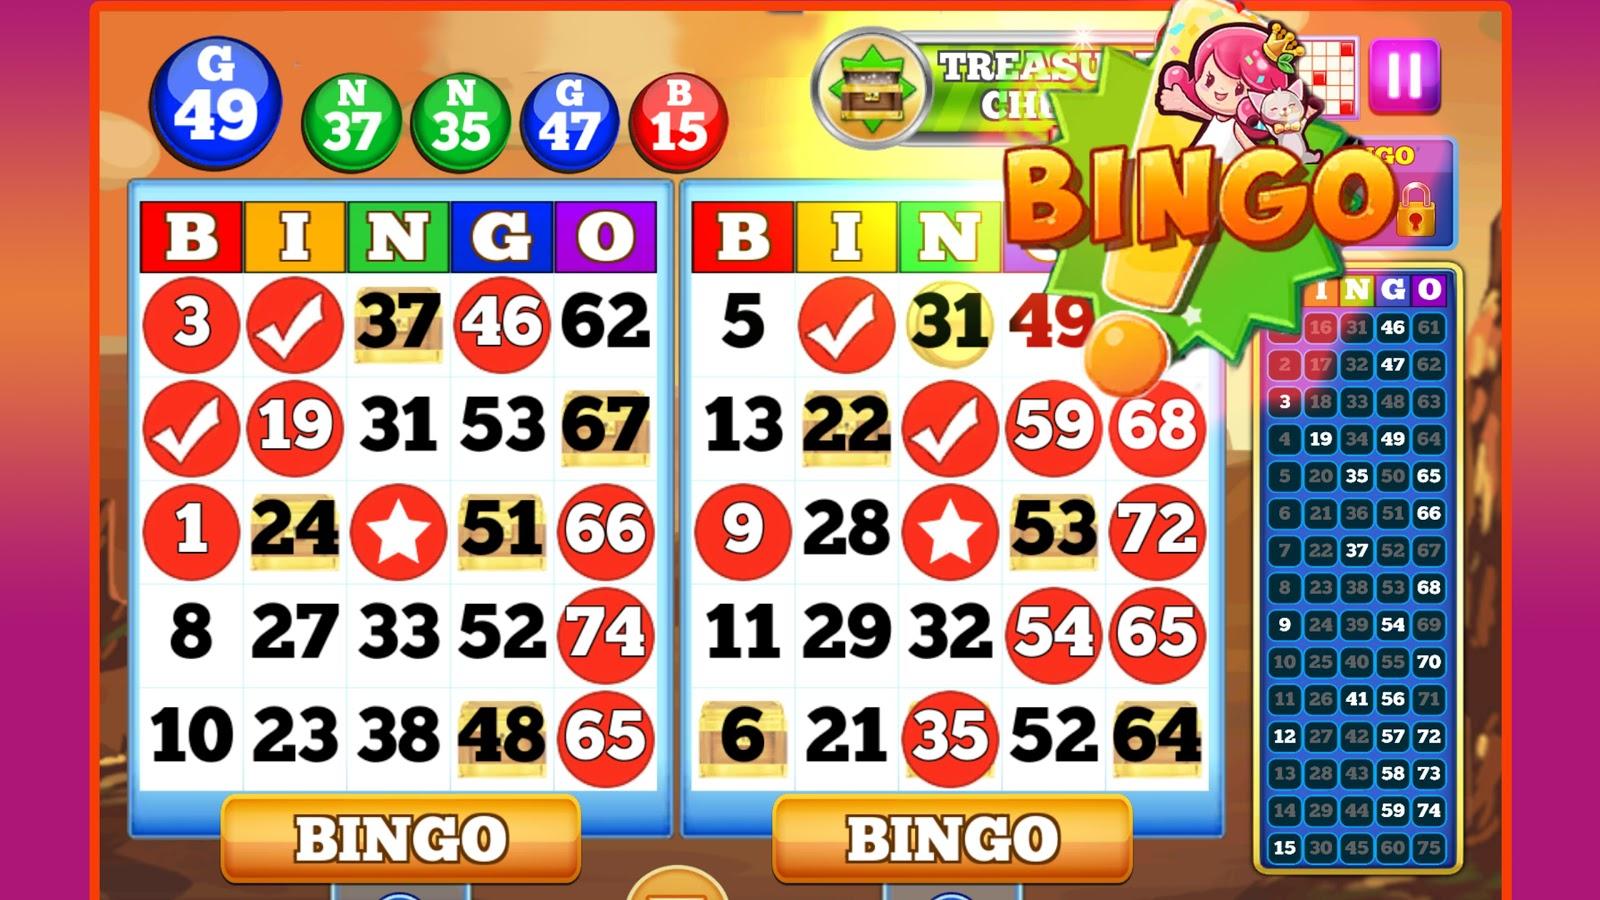 Casinos online gratis sin deposito lotería Niño-270628